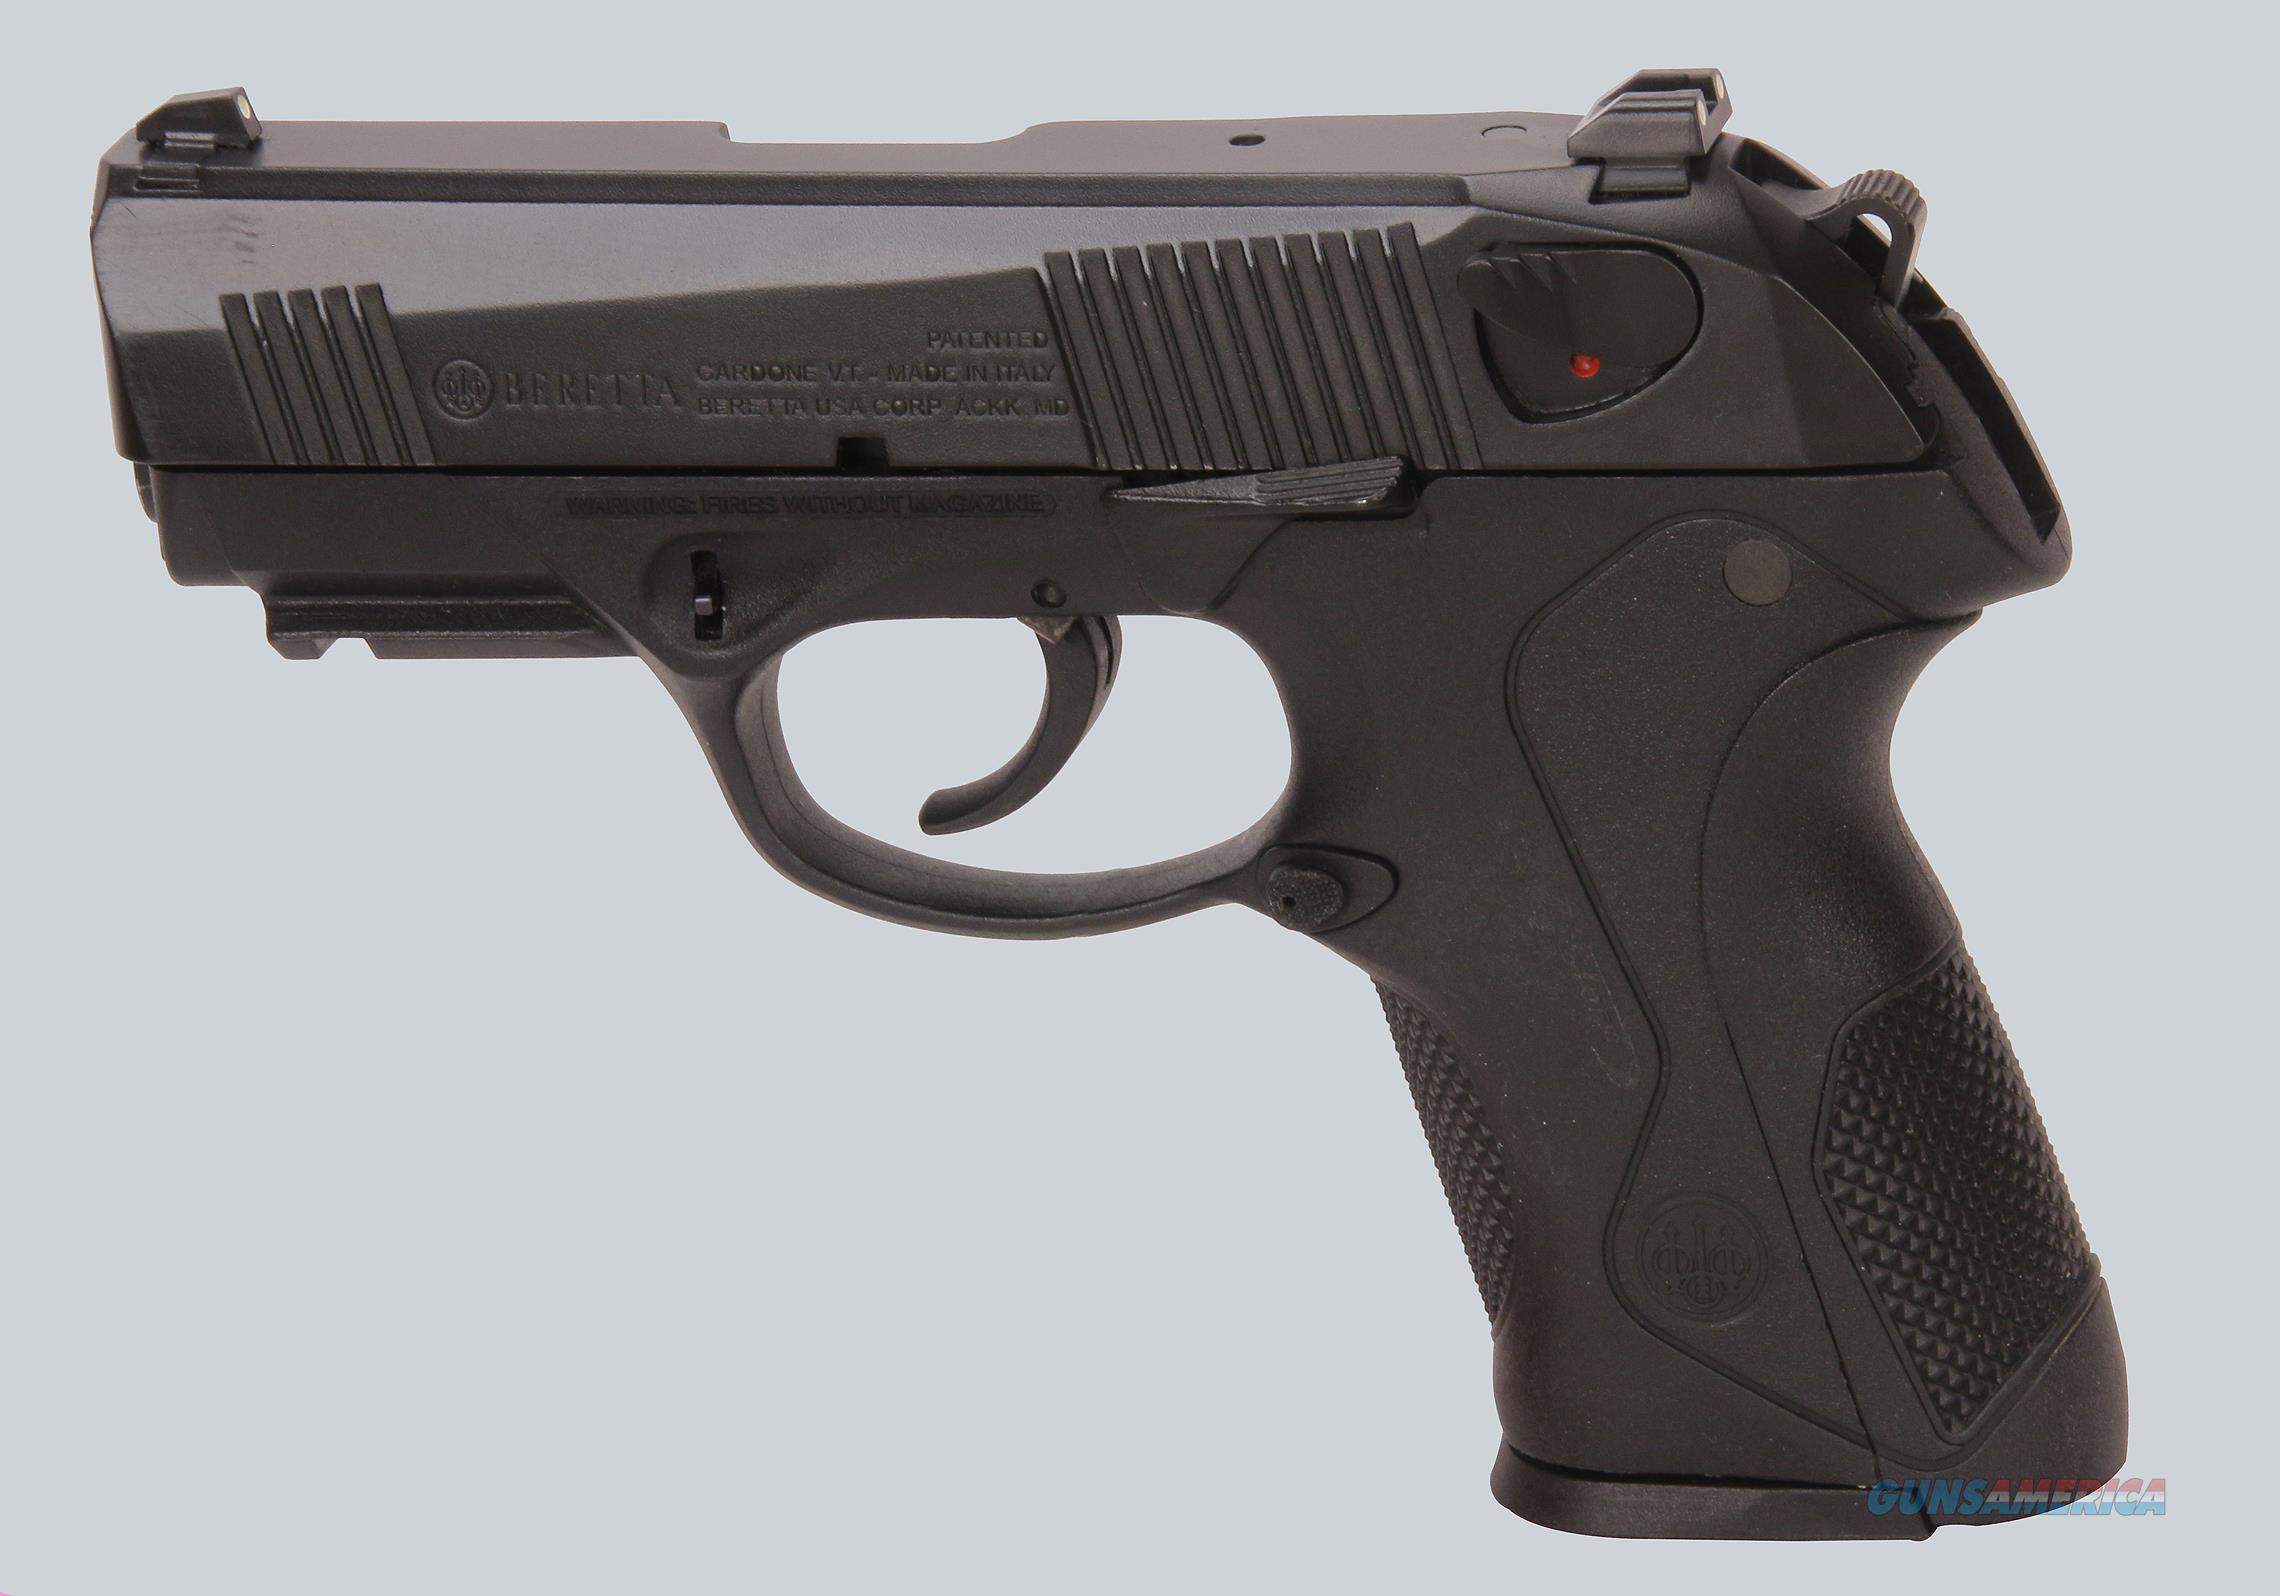 Beretta 40cal S&W PX4 Compact Pistol  Guns > Pistols > Beretta Pistols > Polymer Frame